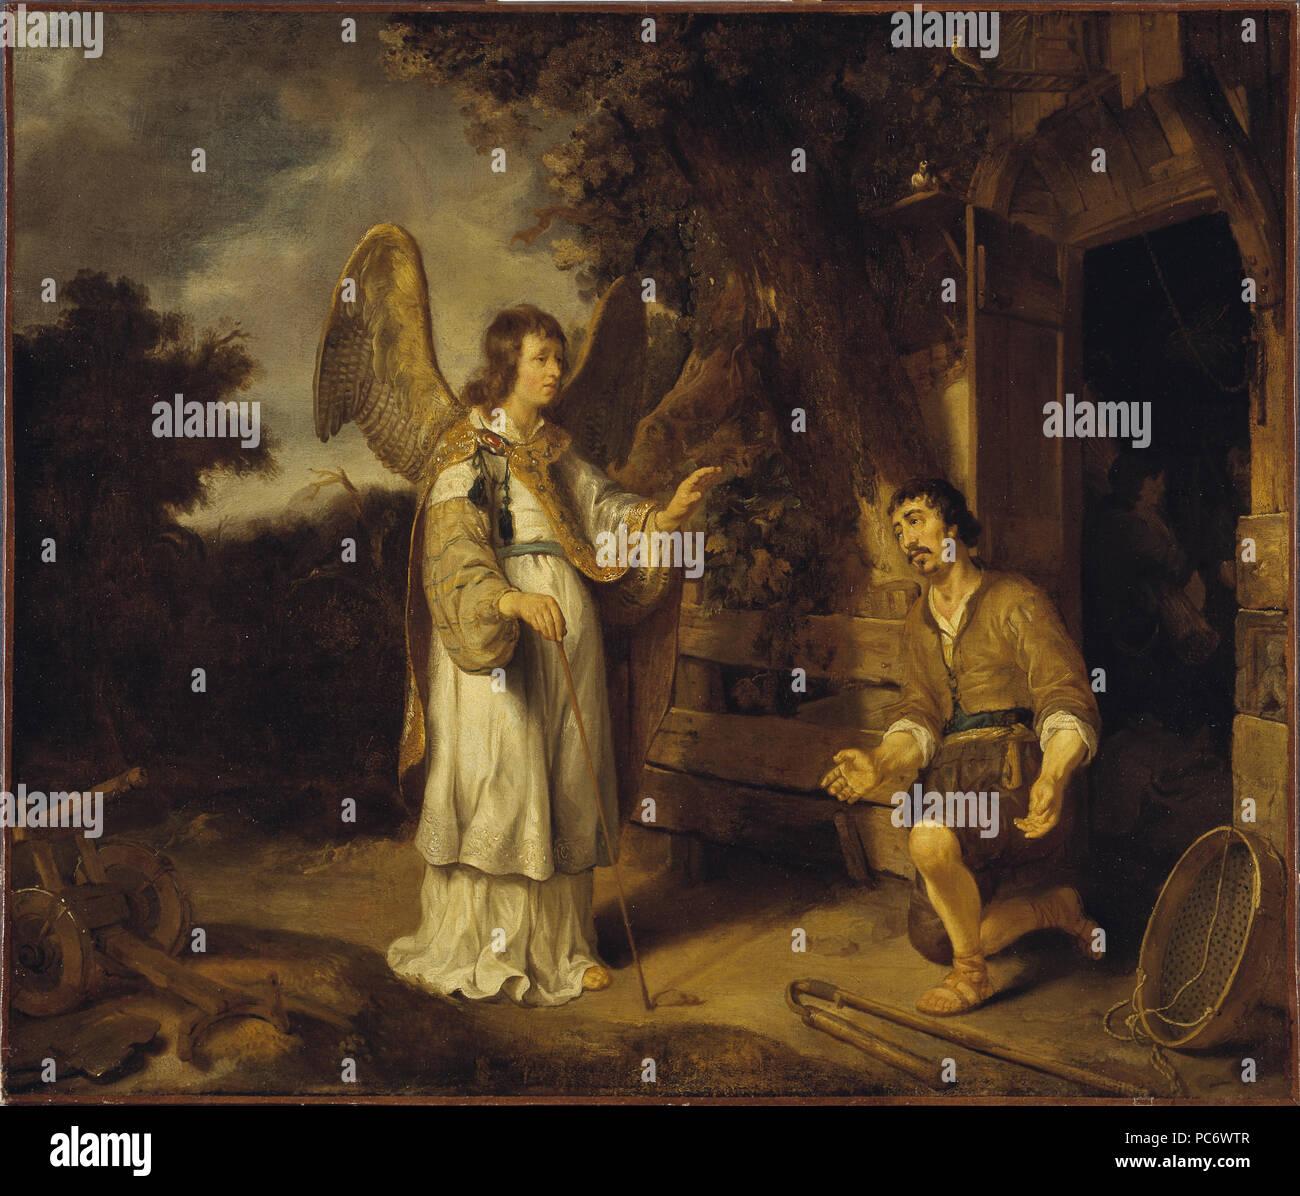 86 The Angel and Gideon (Gerbrandt van den Eeckhout) - Nationalmuseum - 17422 - Stock Image